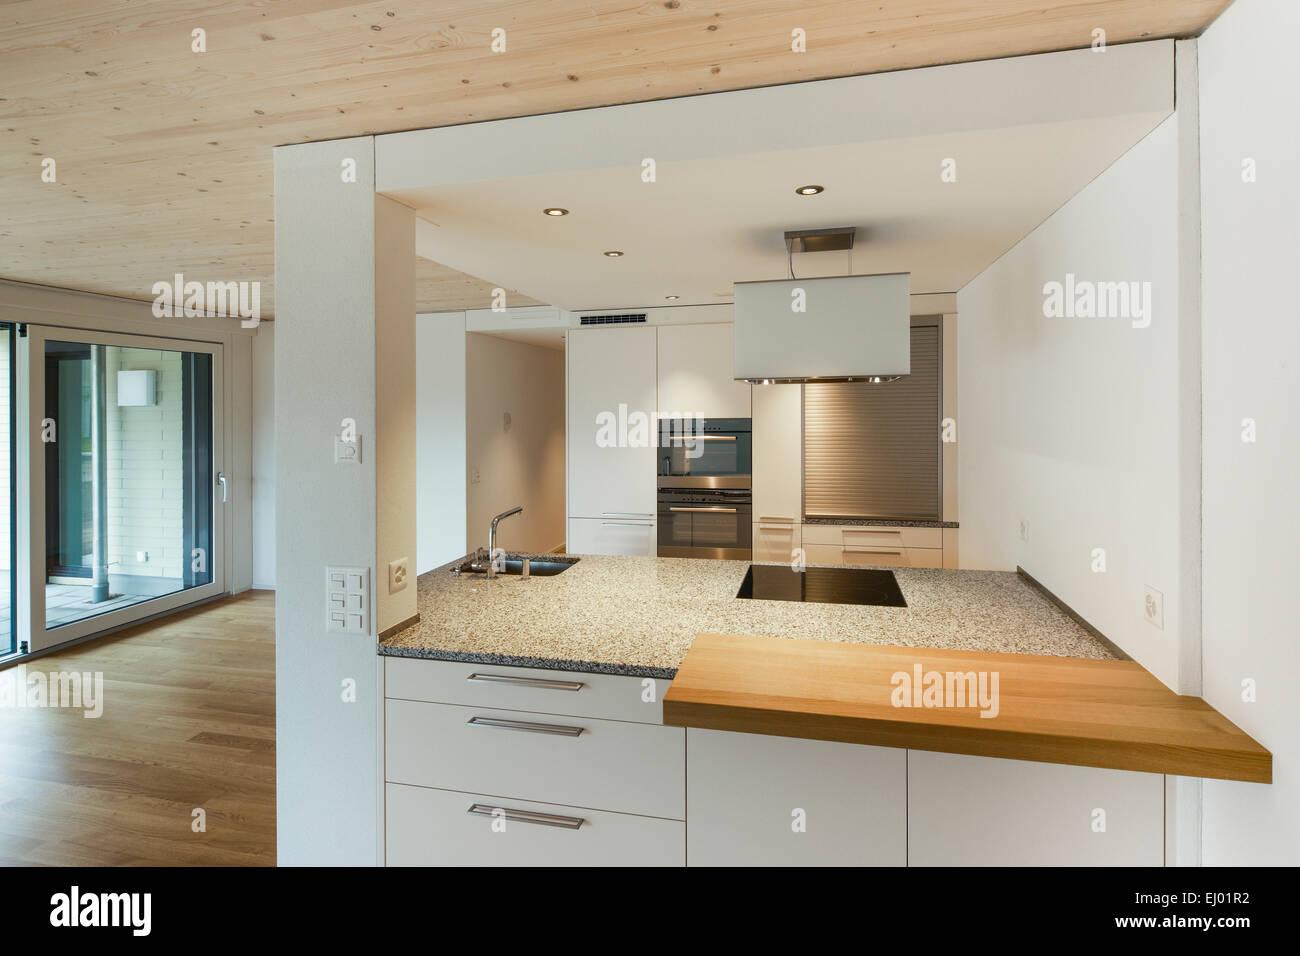 Architektur, Chromstahl, Haus, Haus, Holz, Inneneinrichtung, Küche ...